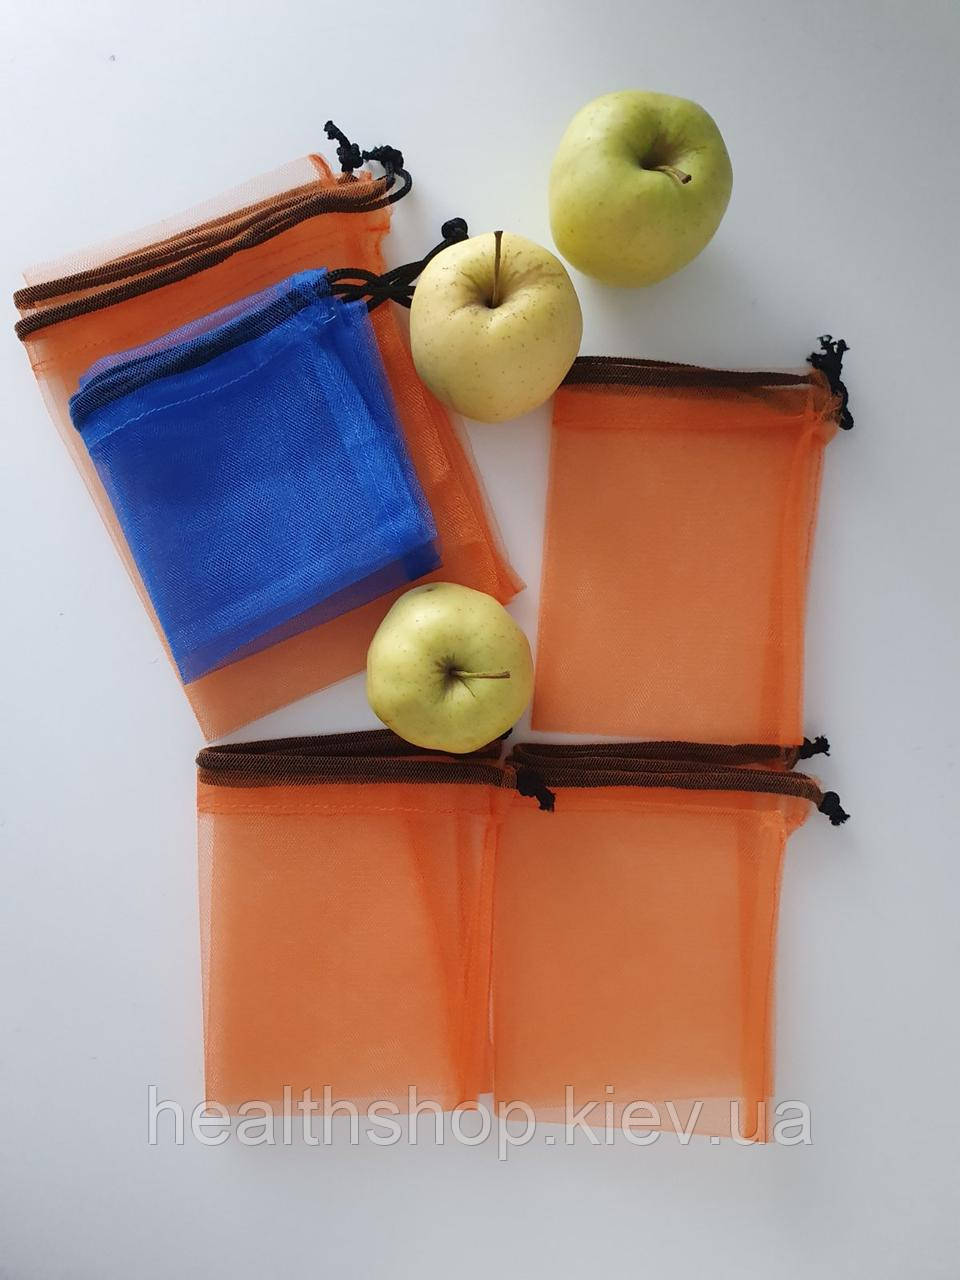 Багаторазові мішечки для продуктів, овочів і фруктів, еко мішечки, фруктовки (5 шт)